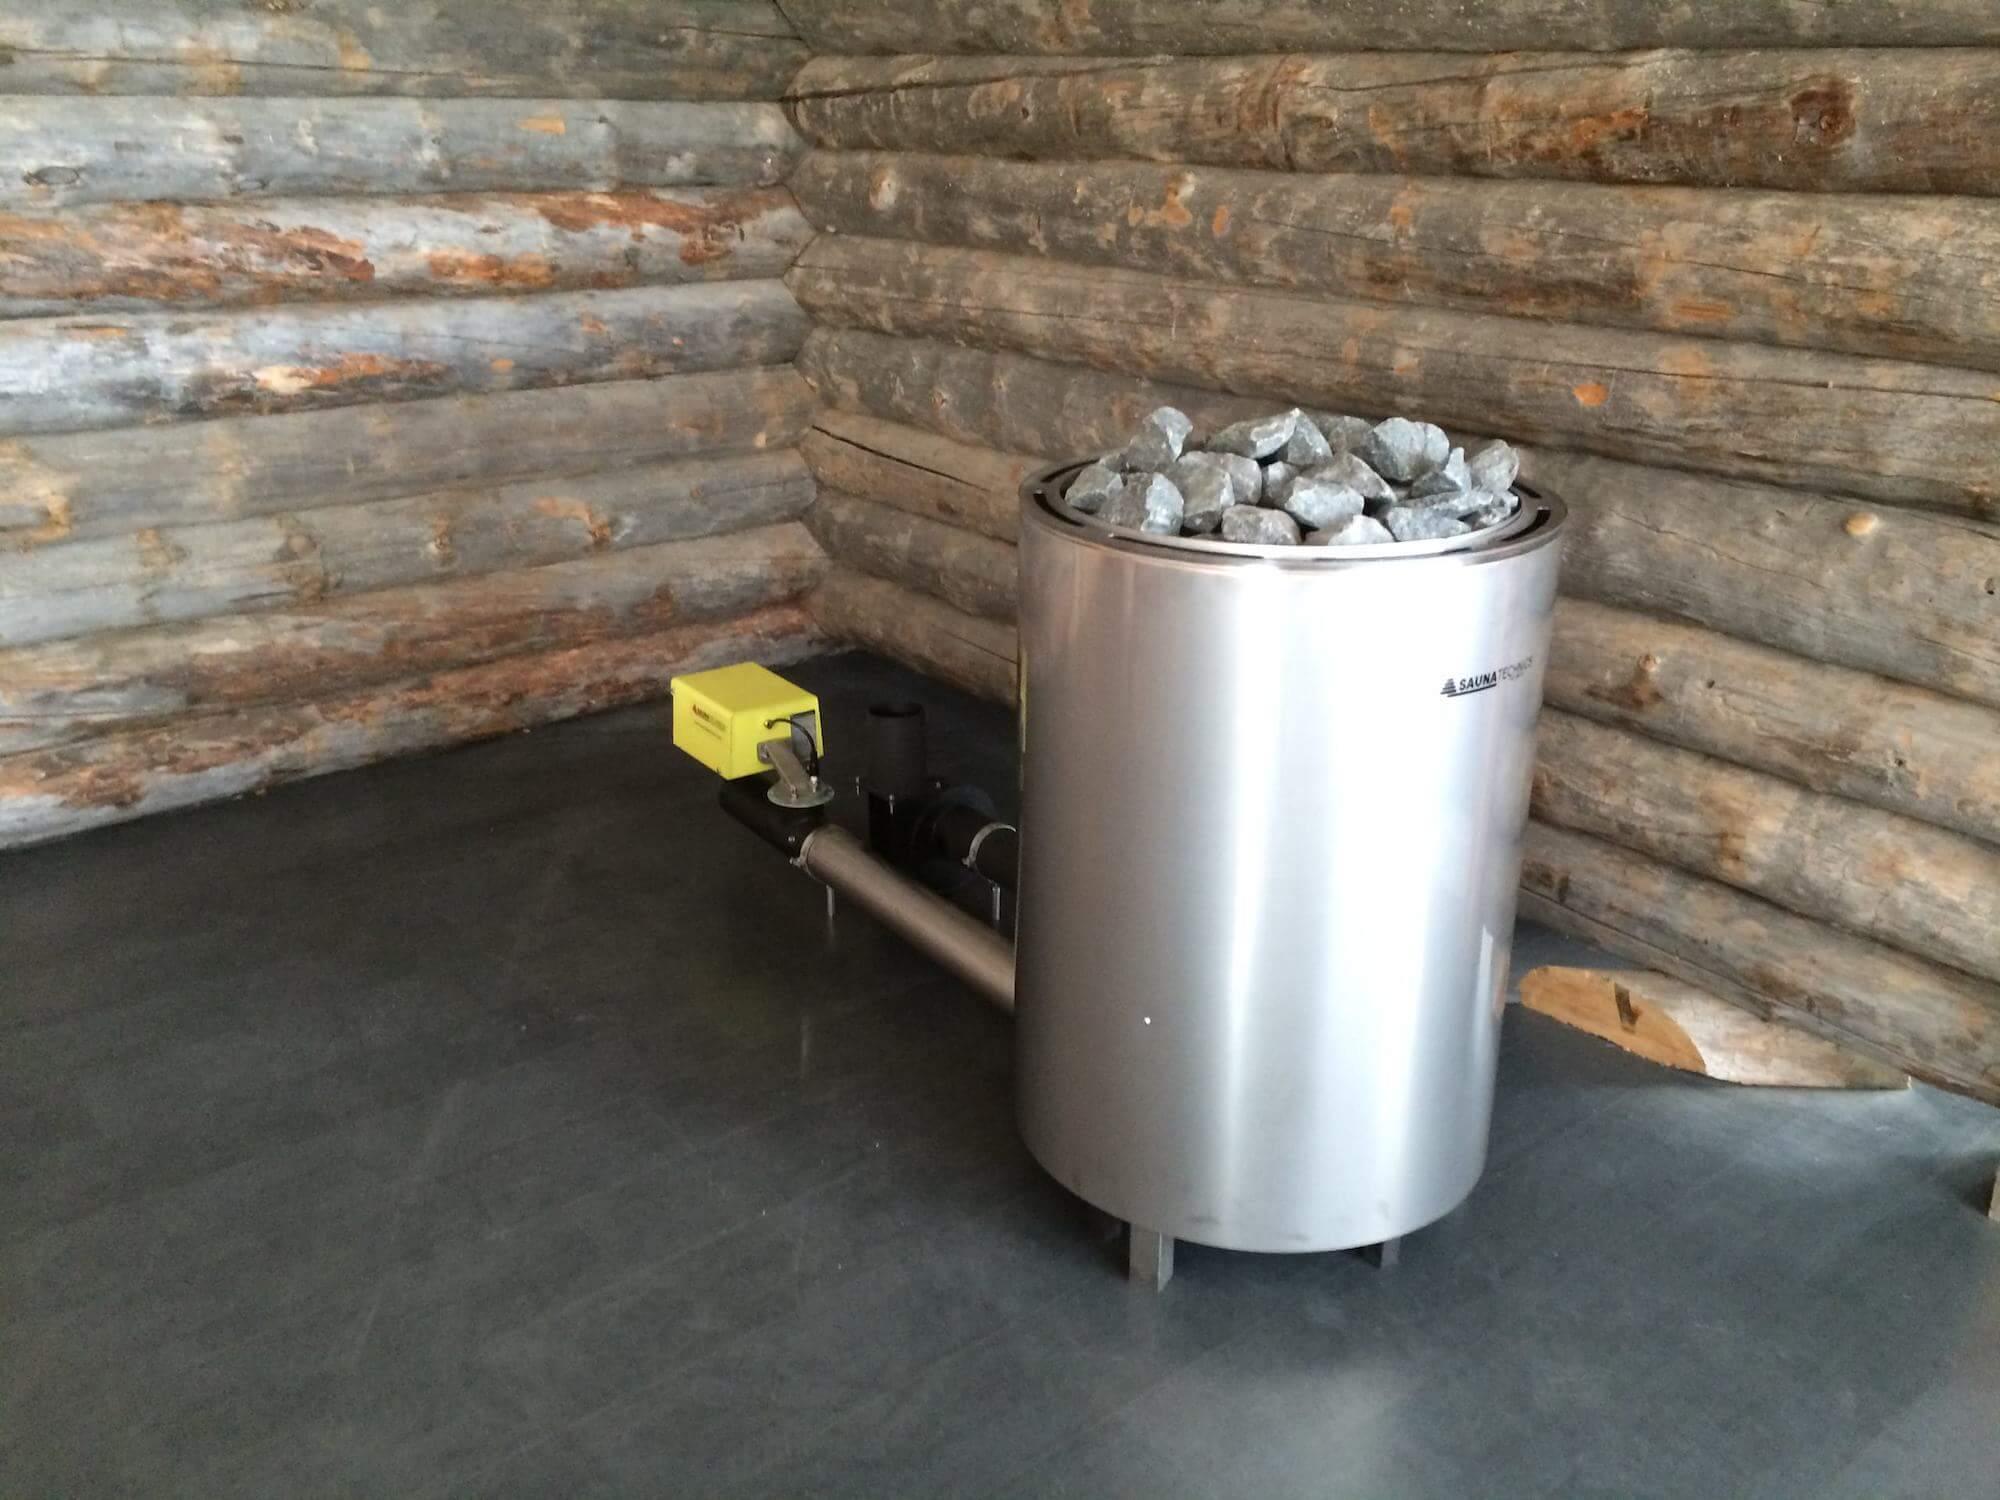 sauna-heating-sauna-verwarming-nederland-57